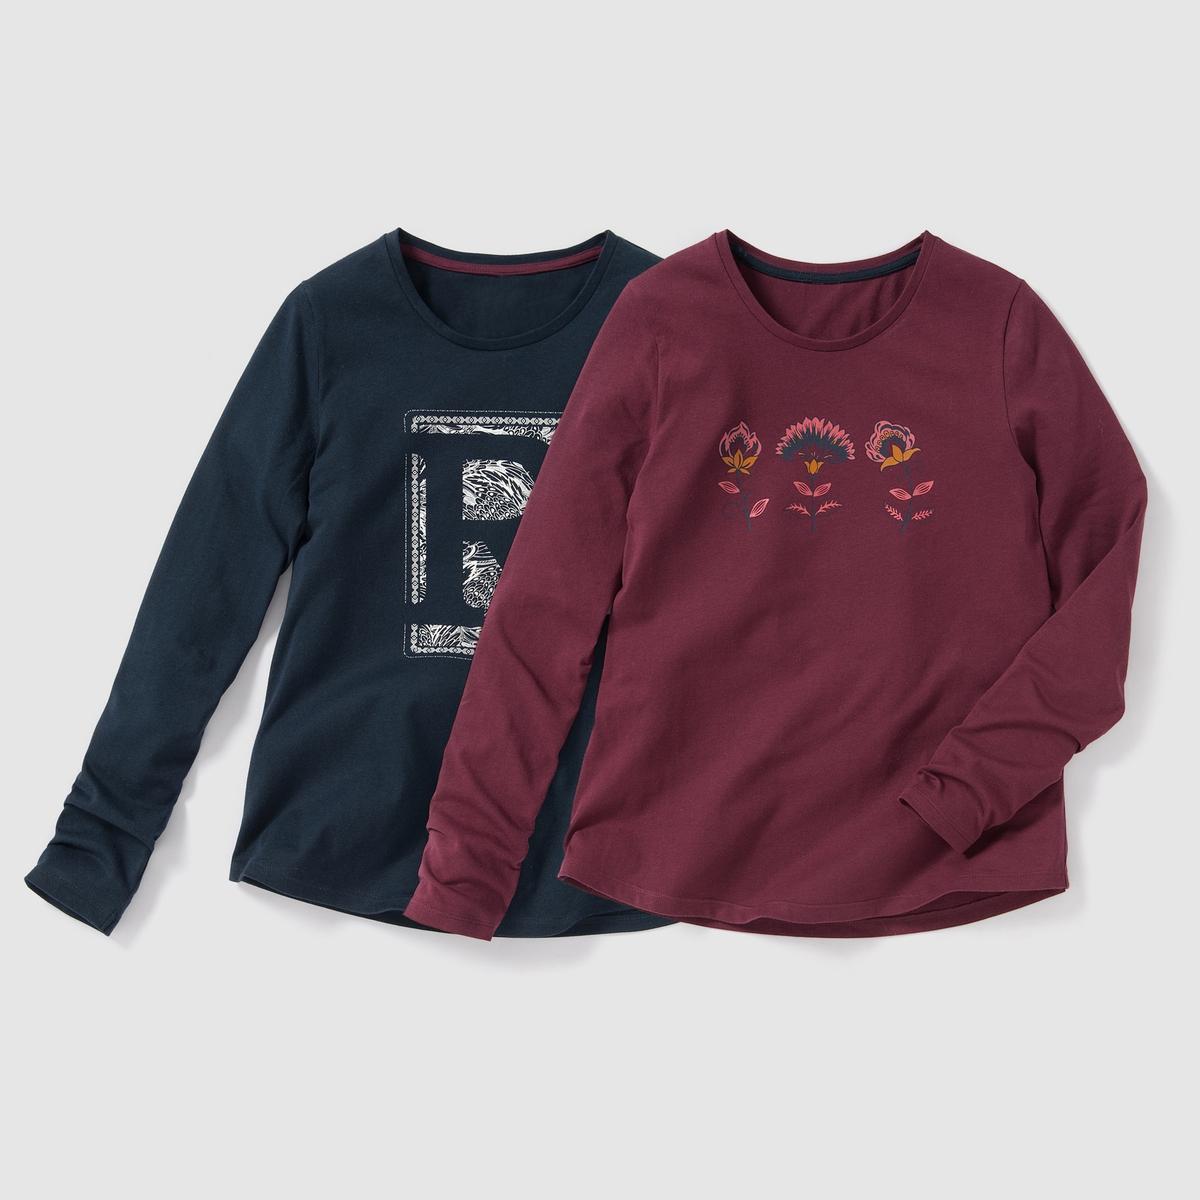 Комплект из 2 футболок с длинными рукавами и рисунком, 10-16 летФутболка с длинными рукавами и круглым воротником. Комплект из 2 штук : 1 футболка с рисунком ''R'' спереди + 1 футболка с цветочным рисунком спереди.                                Состав и описание :                       Материал: джерси, 100% хлопка                      Марка: R ?dition.                                              Уход :                      Машинная стирка при 30 °C с вещами схожих цветов.                      Стирка и сушка с изнаночной стороны.                      Машинная сушка в умеренном режиме.                      Гладить на средней температуре.<br><br>Цвет: темно-синий + красный